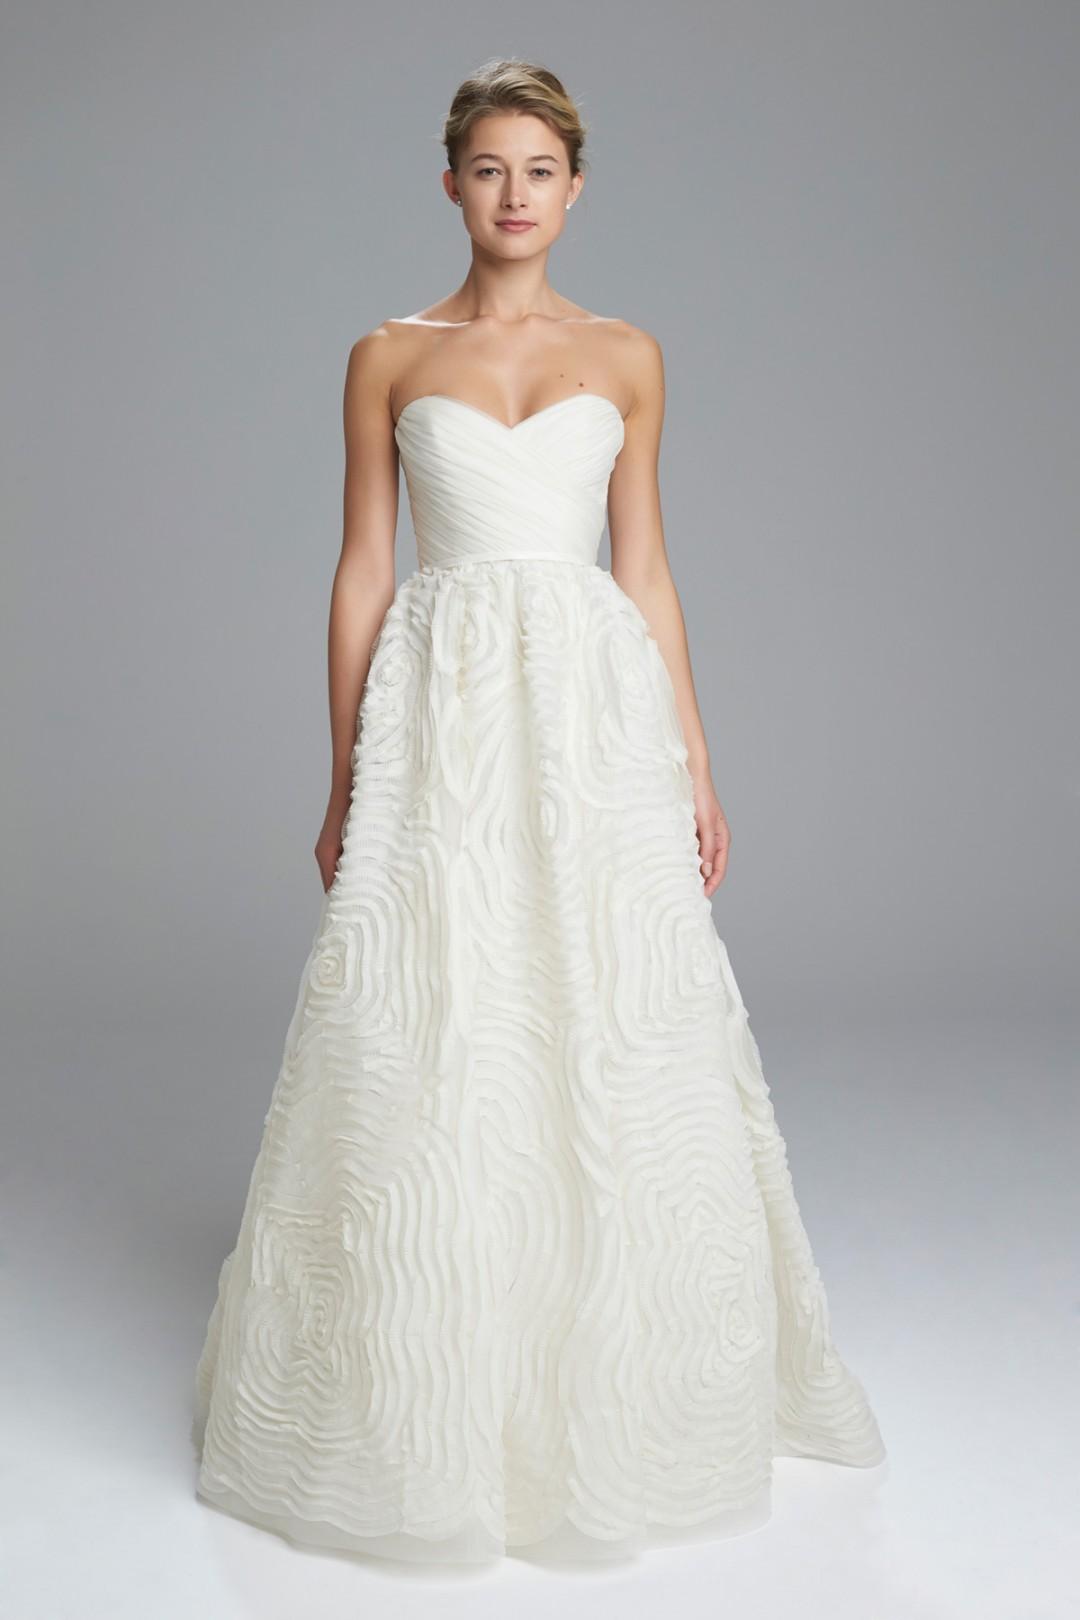 Silk-organza-strapless-bridal-gown-by-Amsale_Charleston-1080x1620.jpg